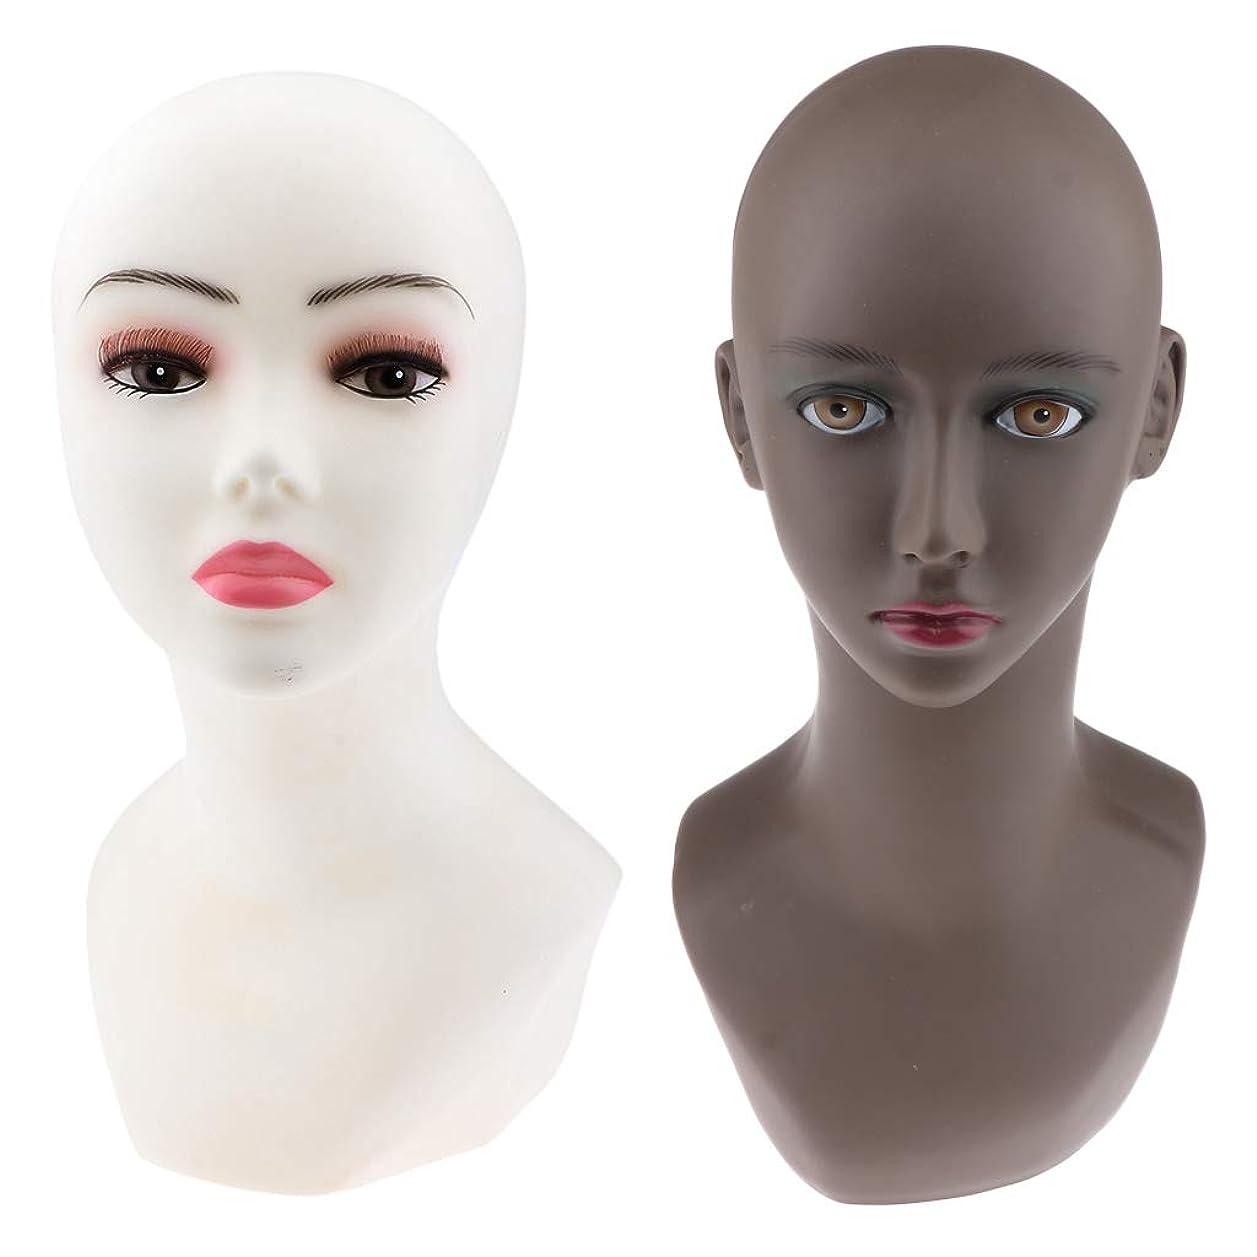 ドレイン大きい領事館T TOOYFUL 2個セット マネキンヘッド 女性 ヘッドモデル PVC製 かつら作成 美容 化粧練習 洋服店 美容院